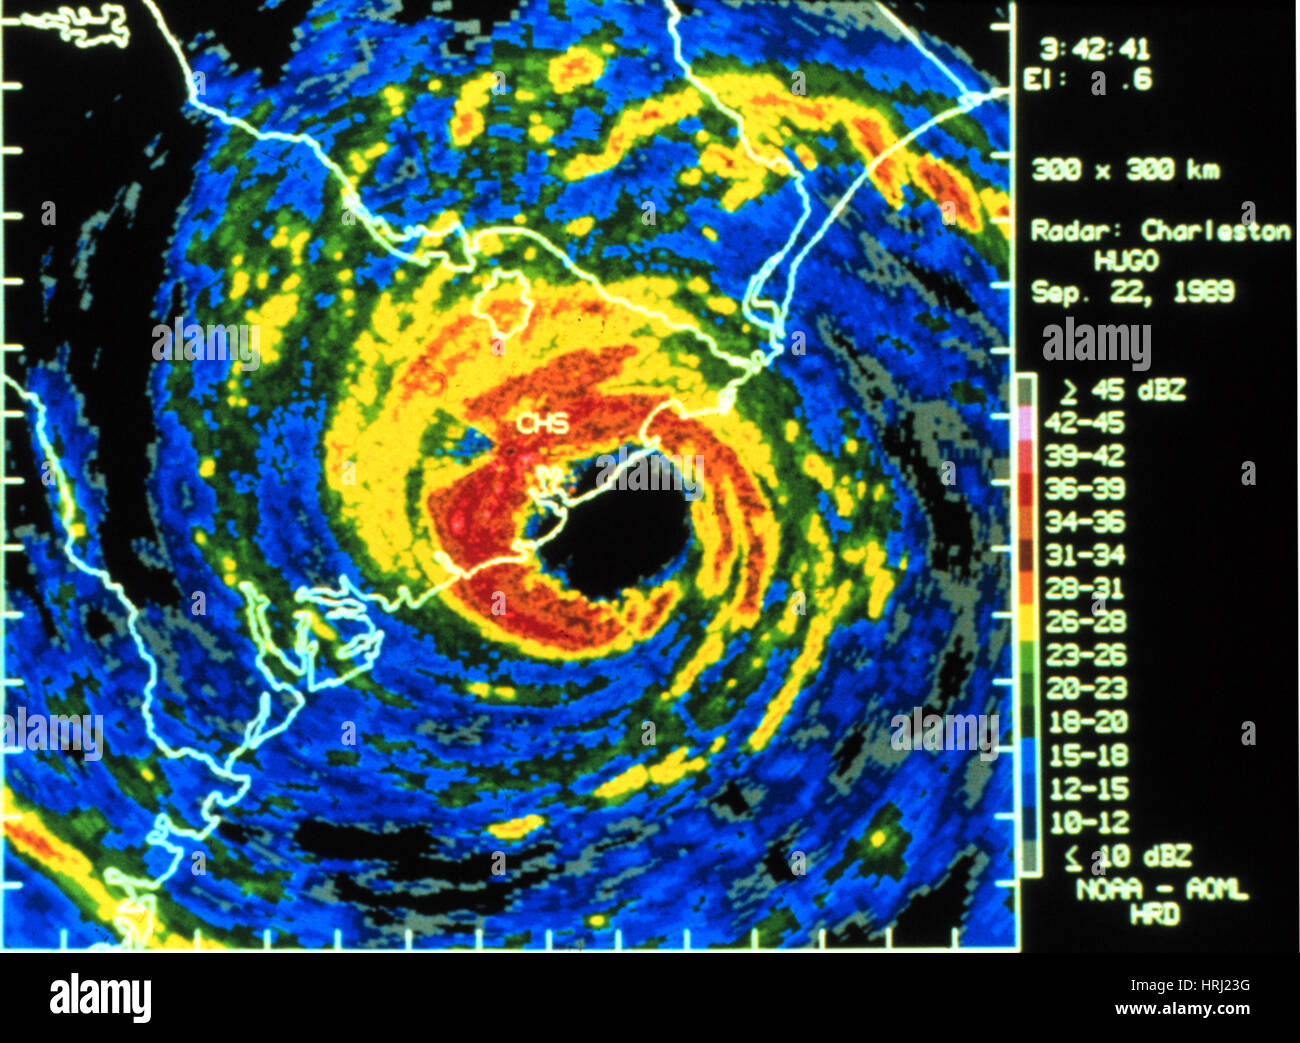 Hurricane Hugo, Digitized Radar Image, 1989 - Stock Image